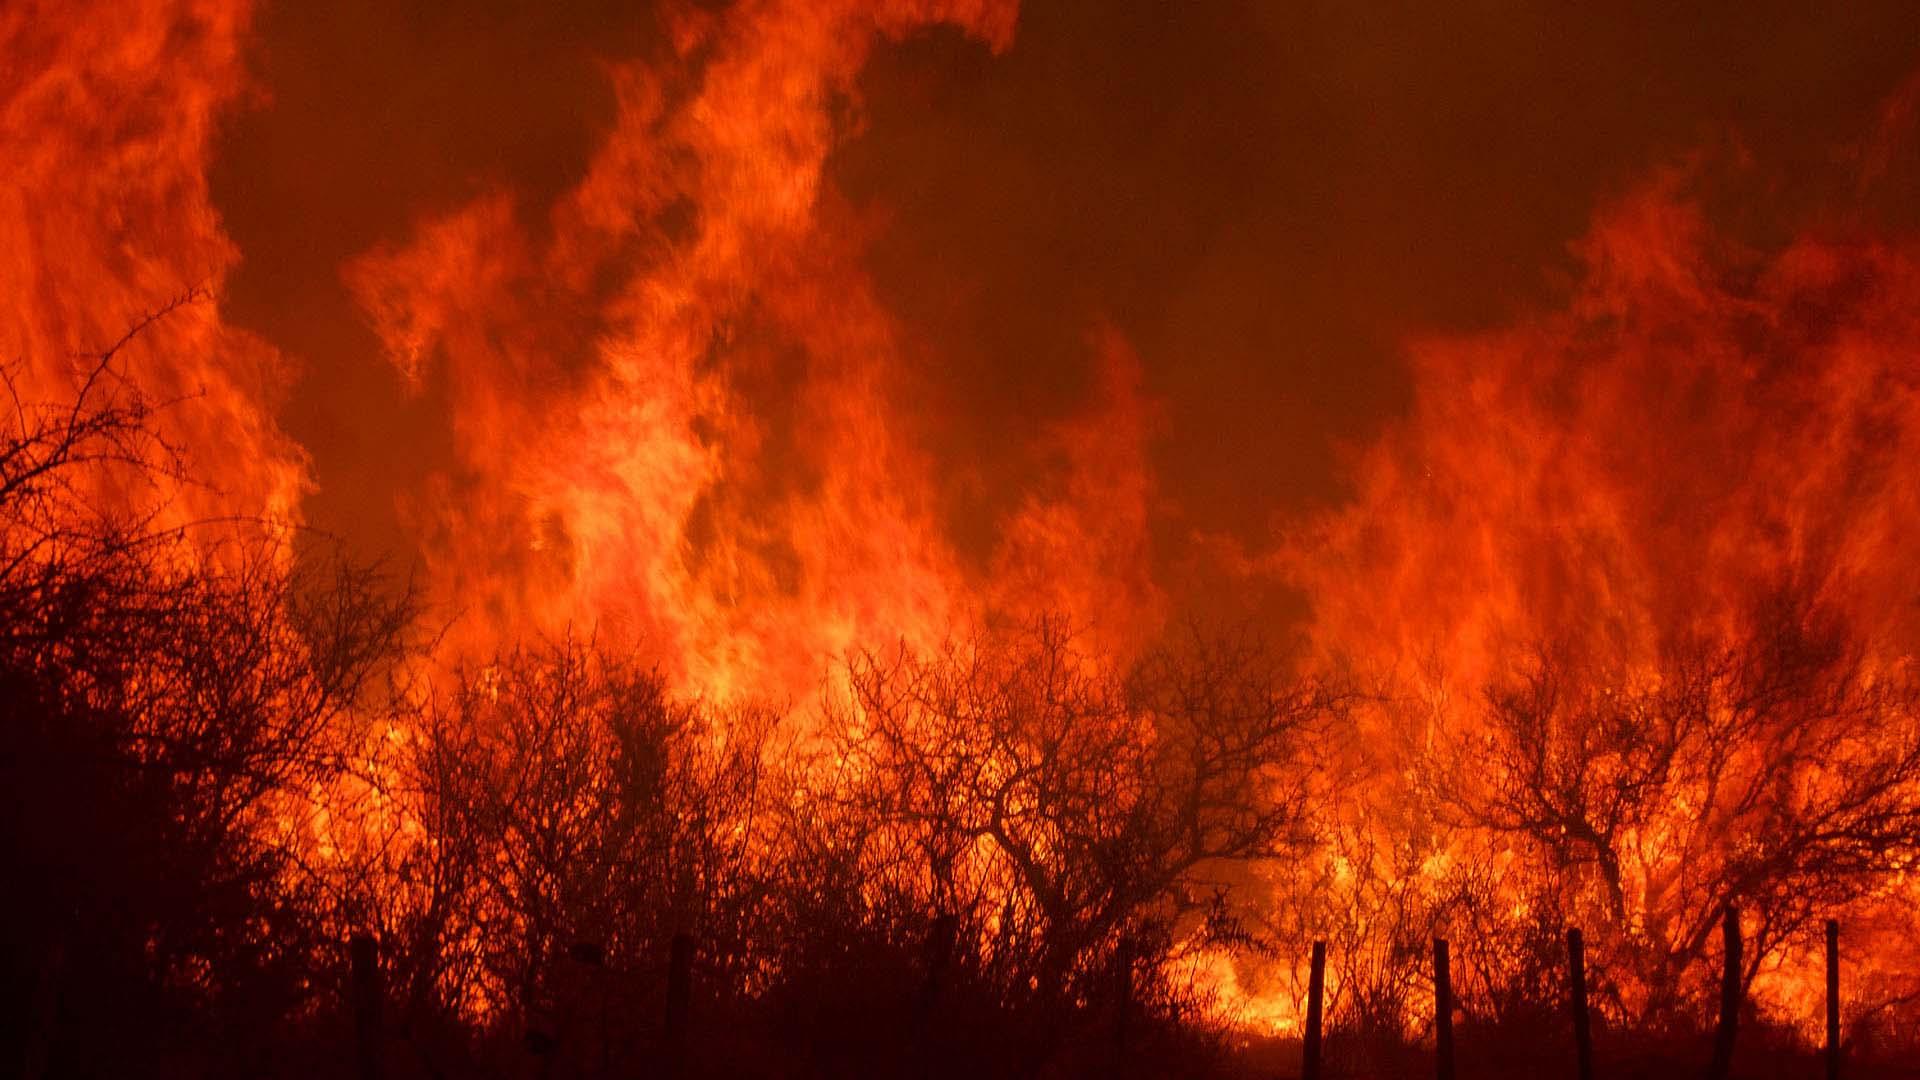 Otra imagen icónica de 2020: los incendios intencionales. Córdoba, con 326 mil hectáreas de pastizales y montes nativos afectadas, fue la provincia más castigada por la codicia del hombre, según el Servicio Nacional de Manejo del Fuego